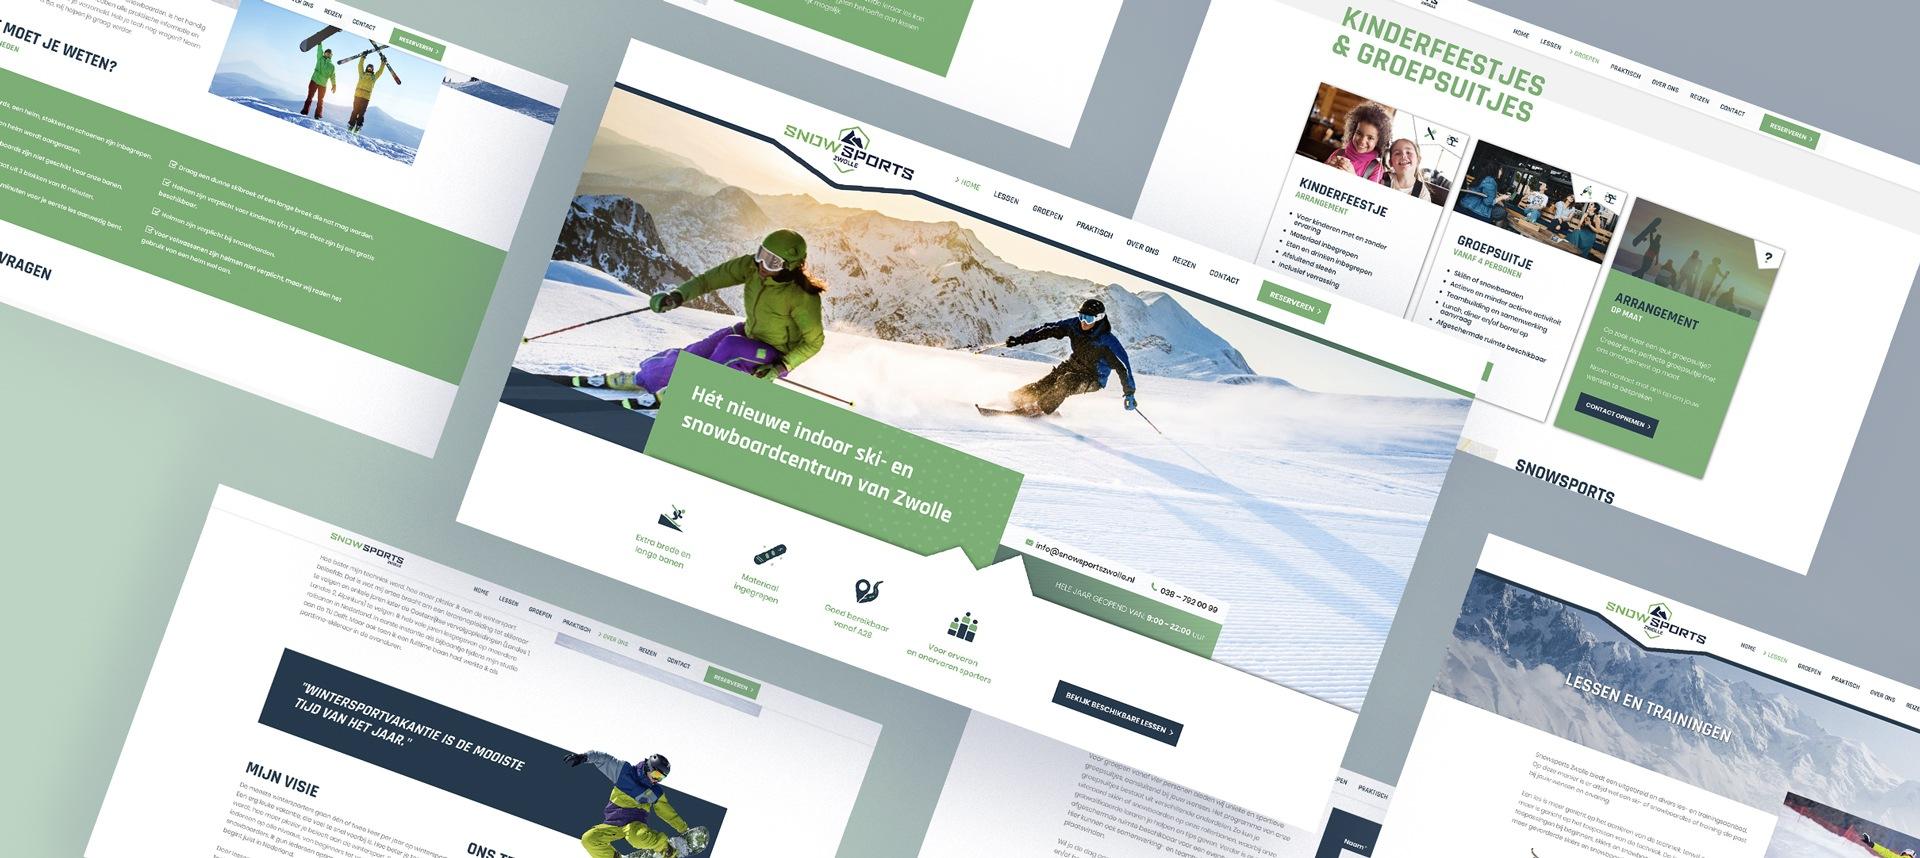 Snowsports-Zwolle-Web-Mockup